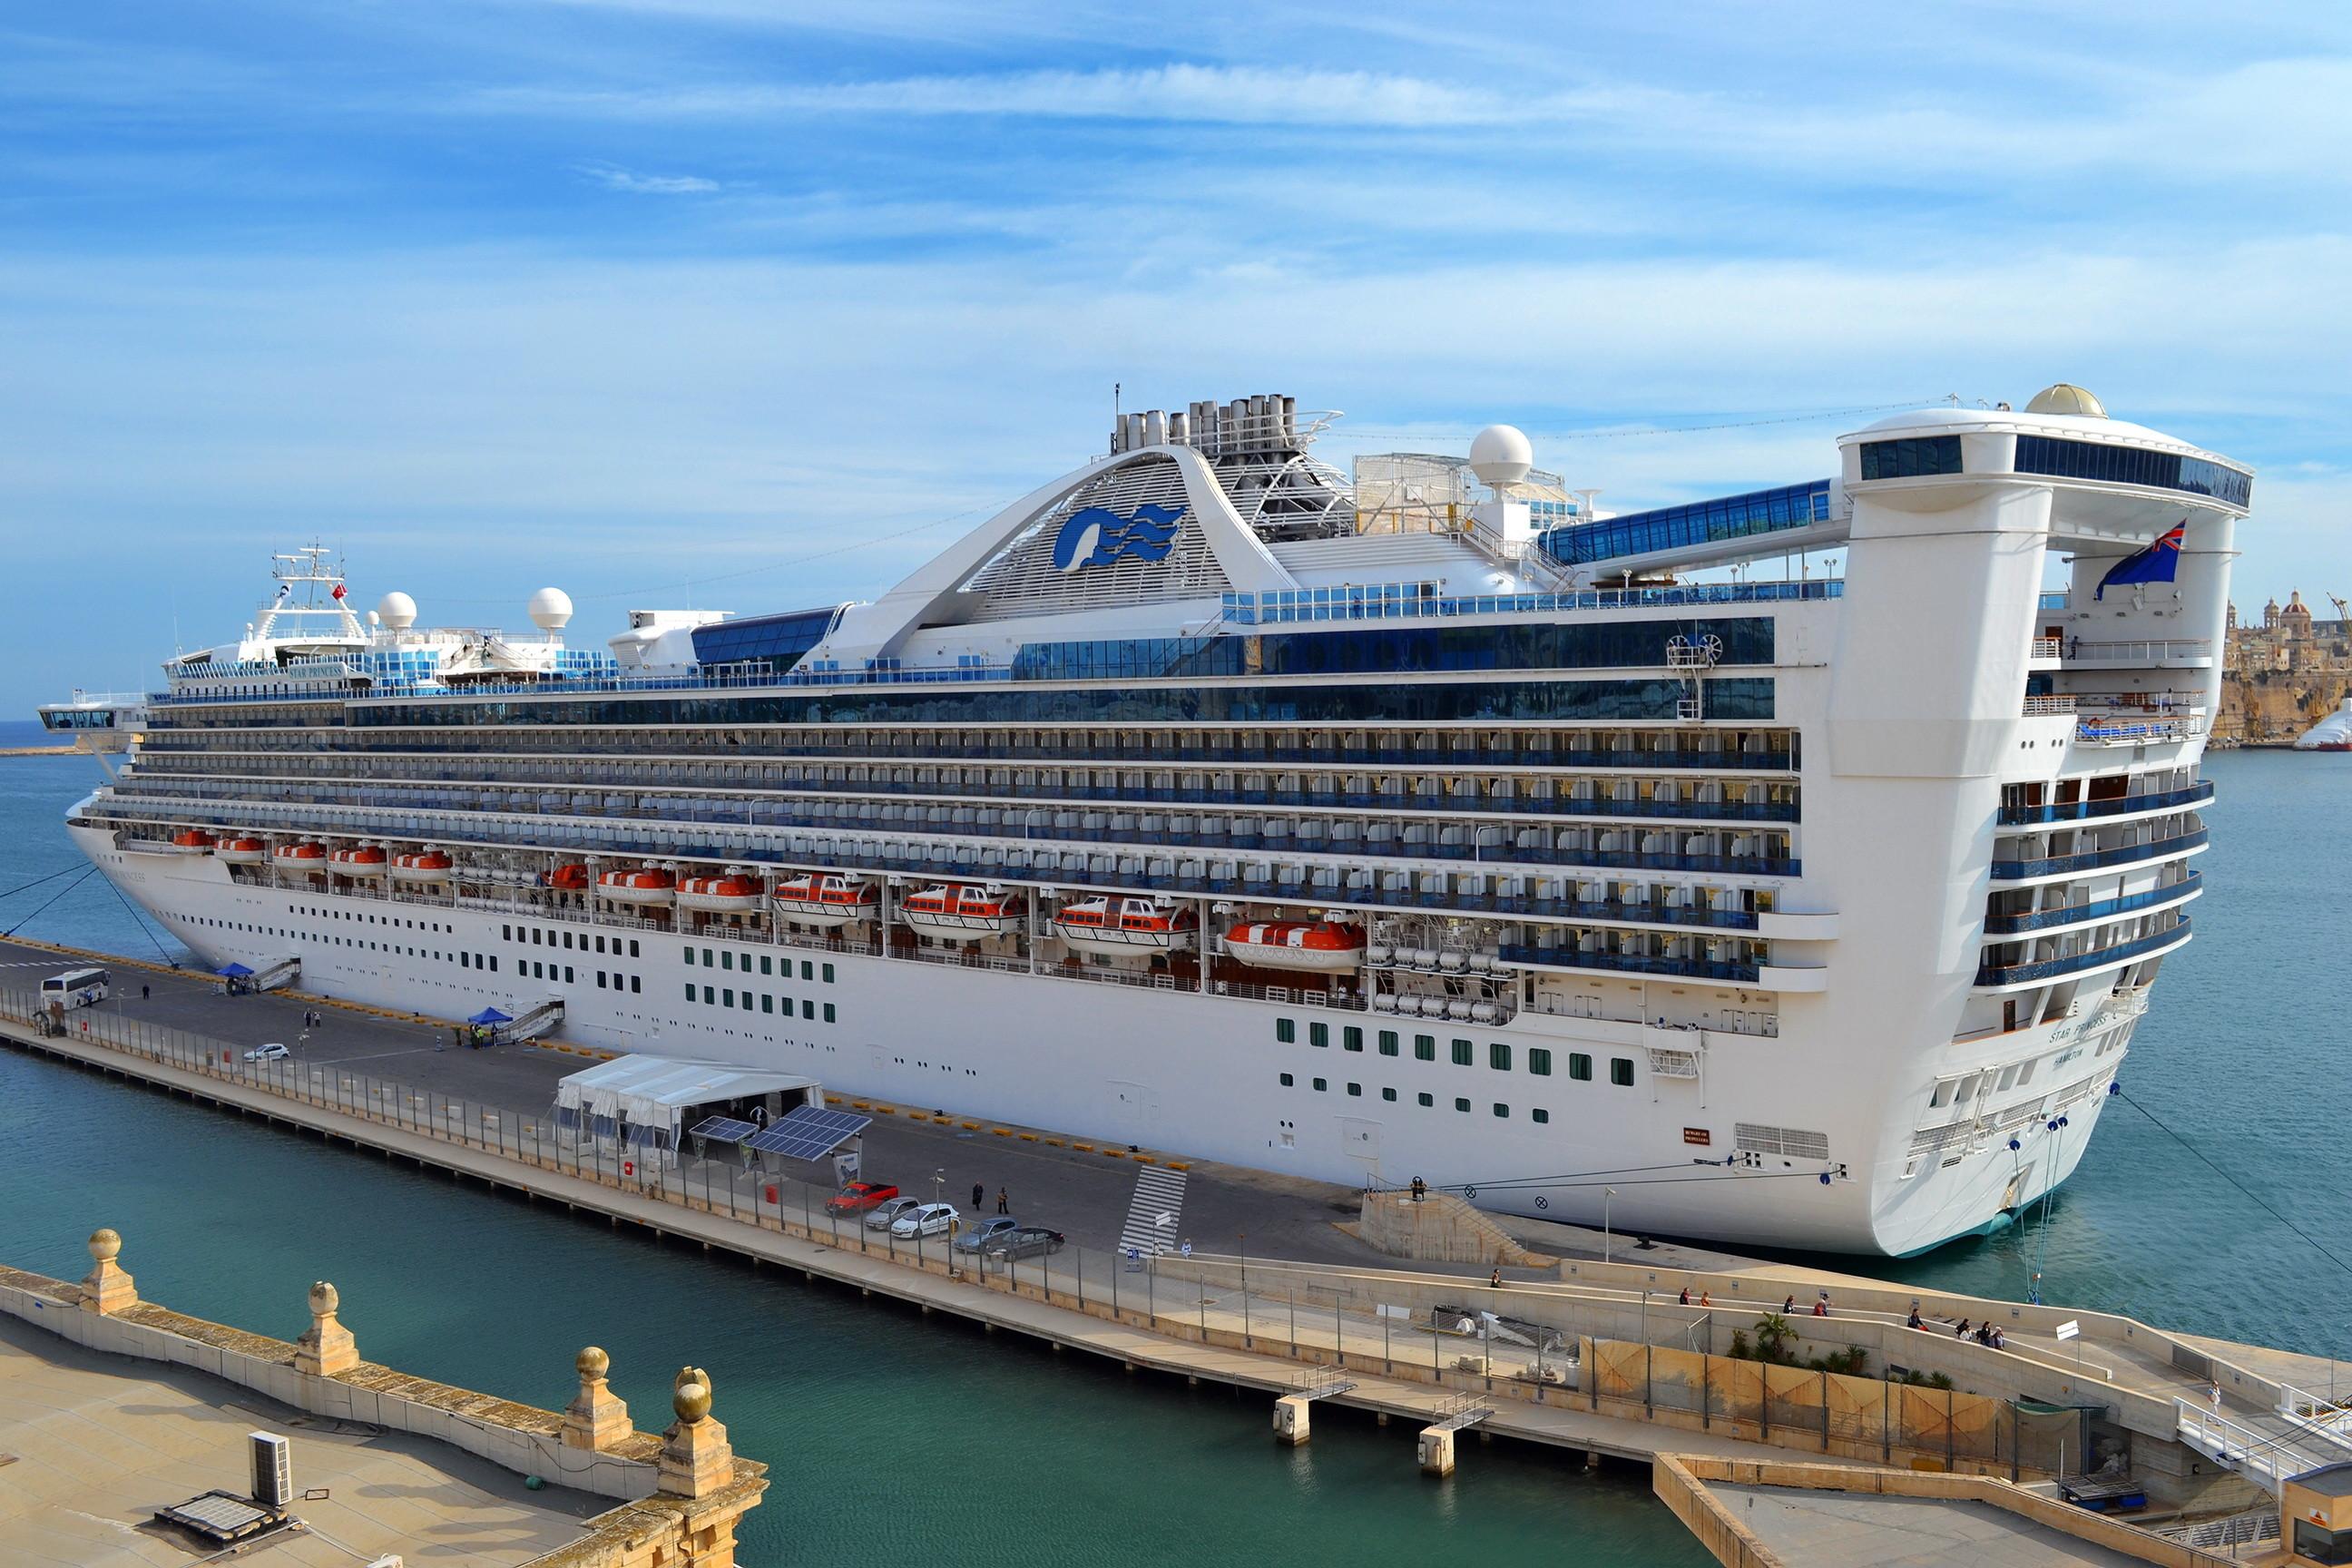 Ships Cruise liner Marinas Star Princess wallpaper     72588 .